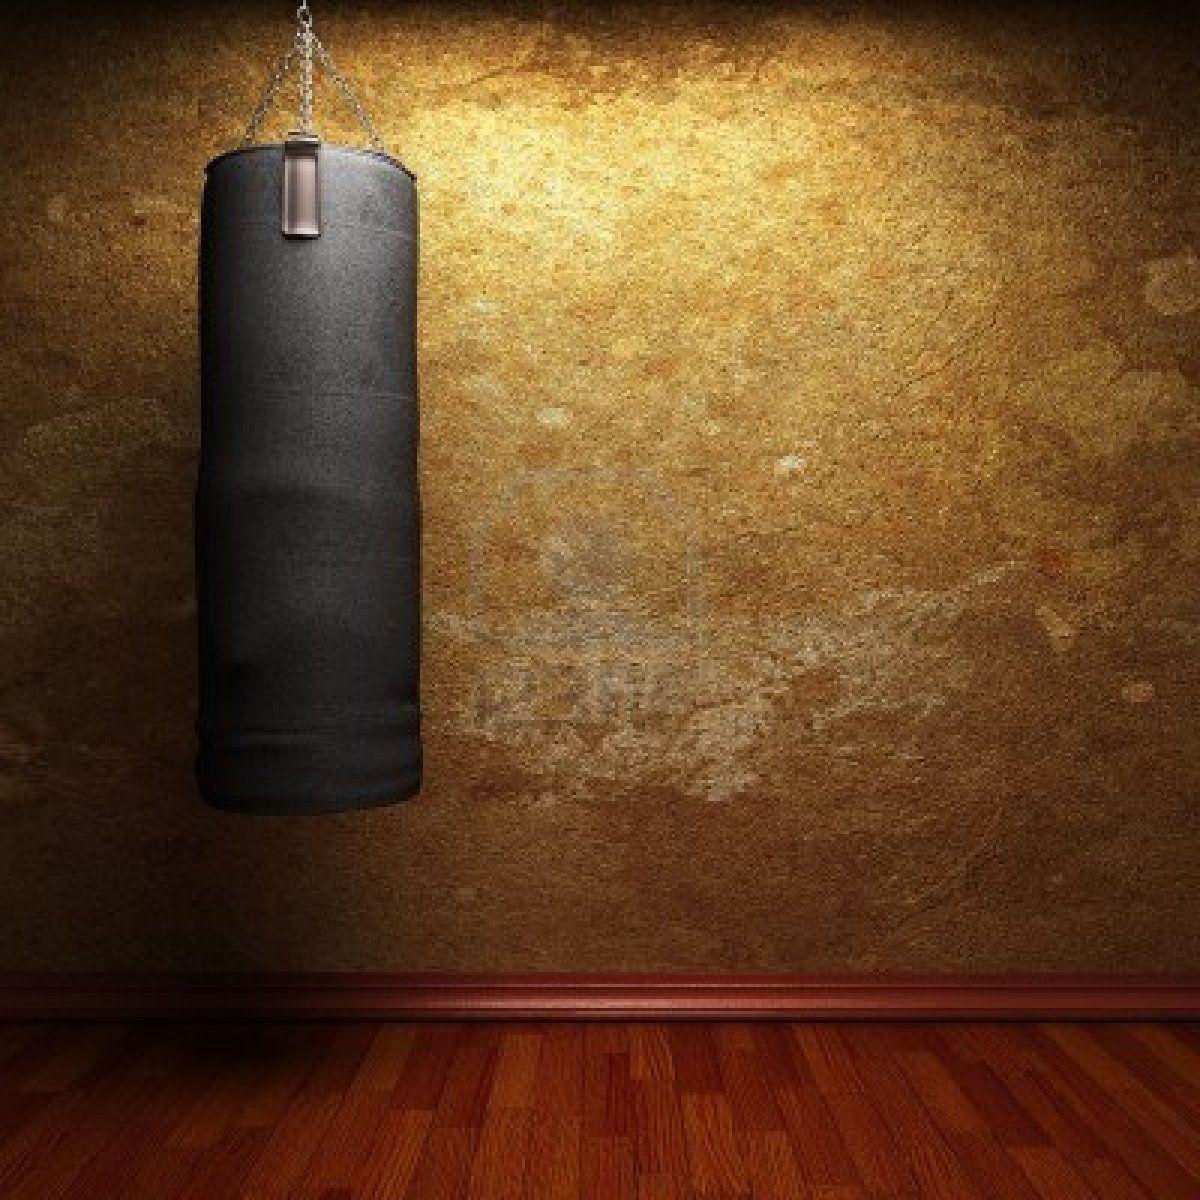 Gym, HQFX Image, Snezhana Daton